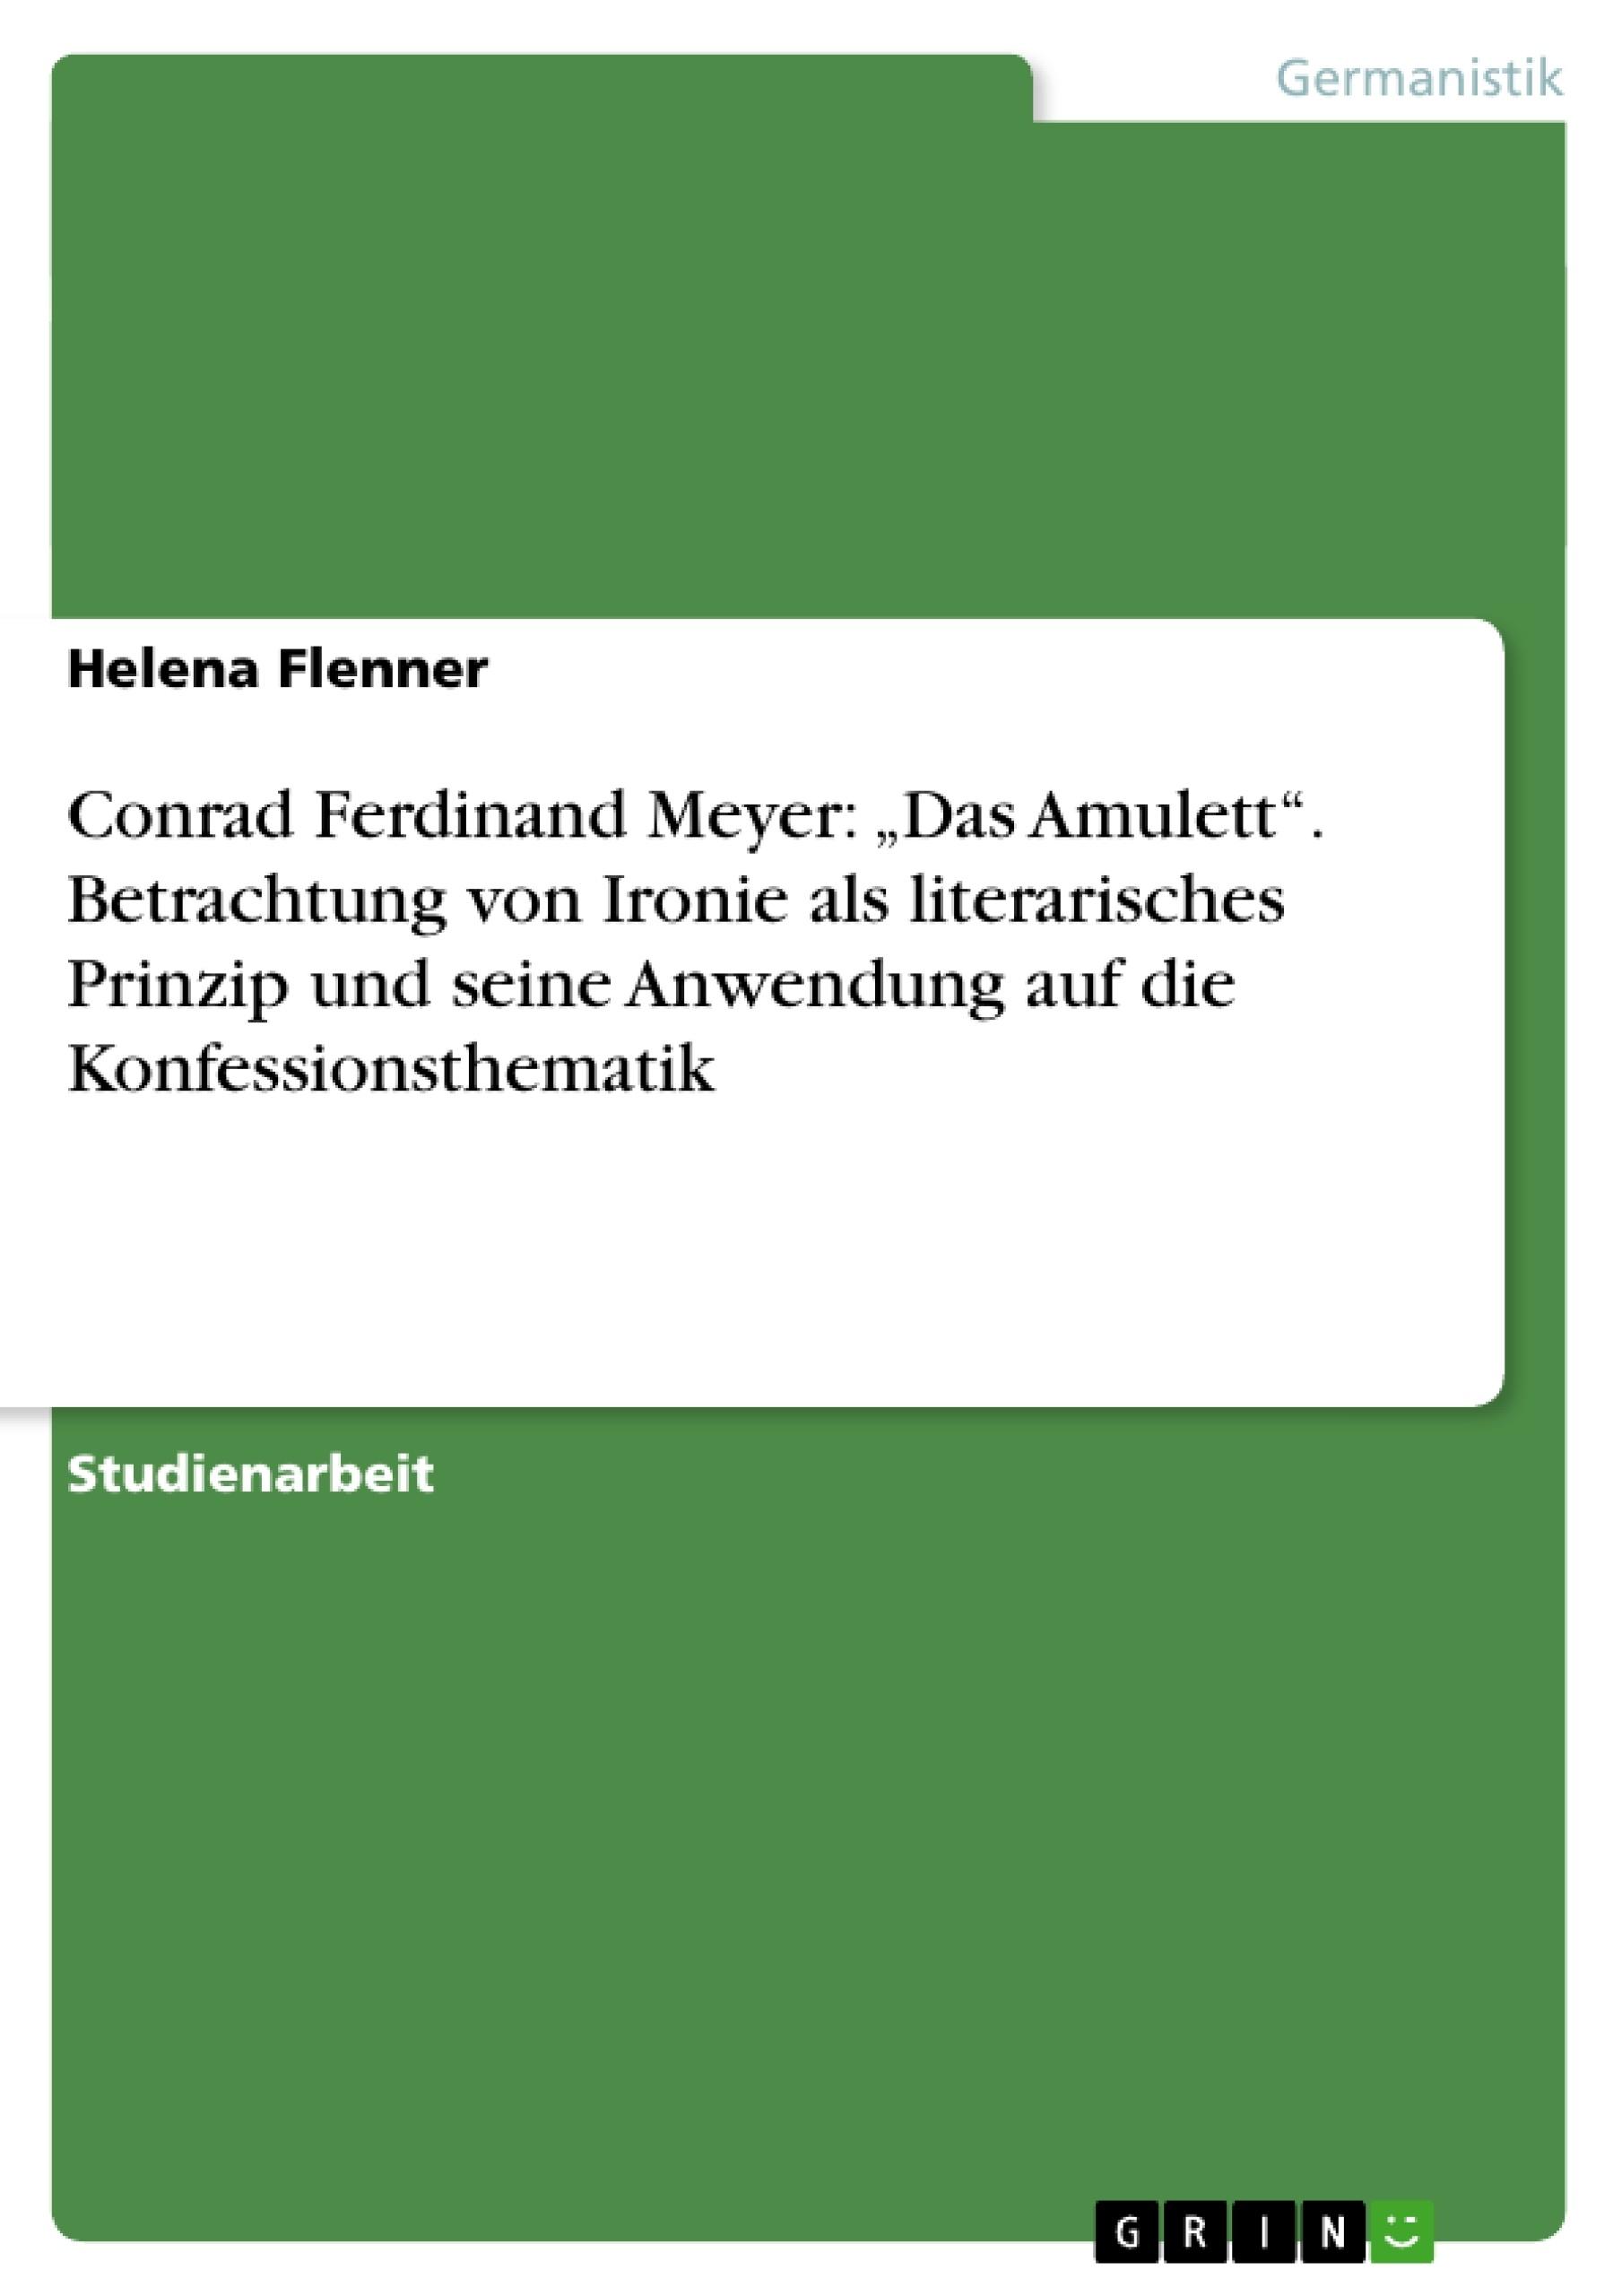 """Titel: Conrad Ferdinand Meyer: """"Das Amulett"""". Betrachtung von Ironie als literarisches Prinzip und seine Anwendung auf die Konfessionsthematik"""